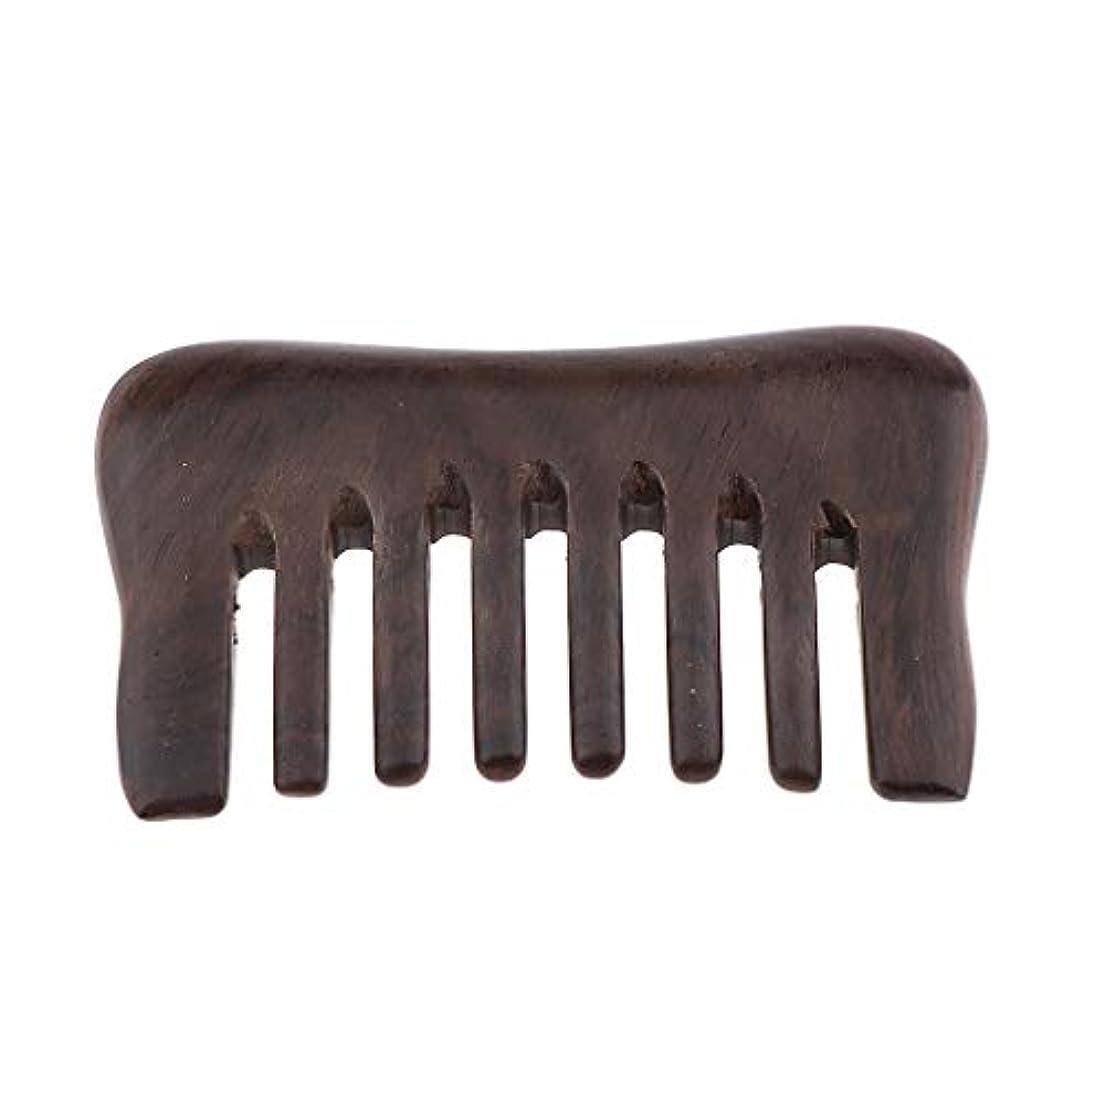 弾薬好ましいコインランドリーB Blesiya 帯電防止櫛 ウッドコーム 頭皮マッサージ ヘアブラシ プレゼント 3色選べ - 黒檀